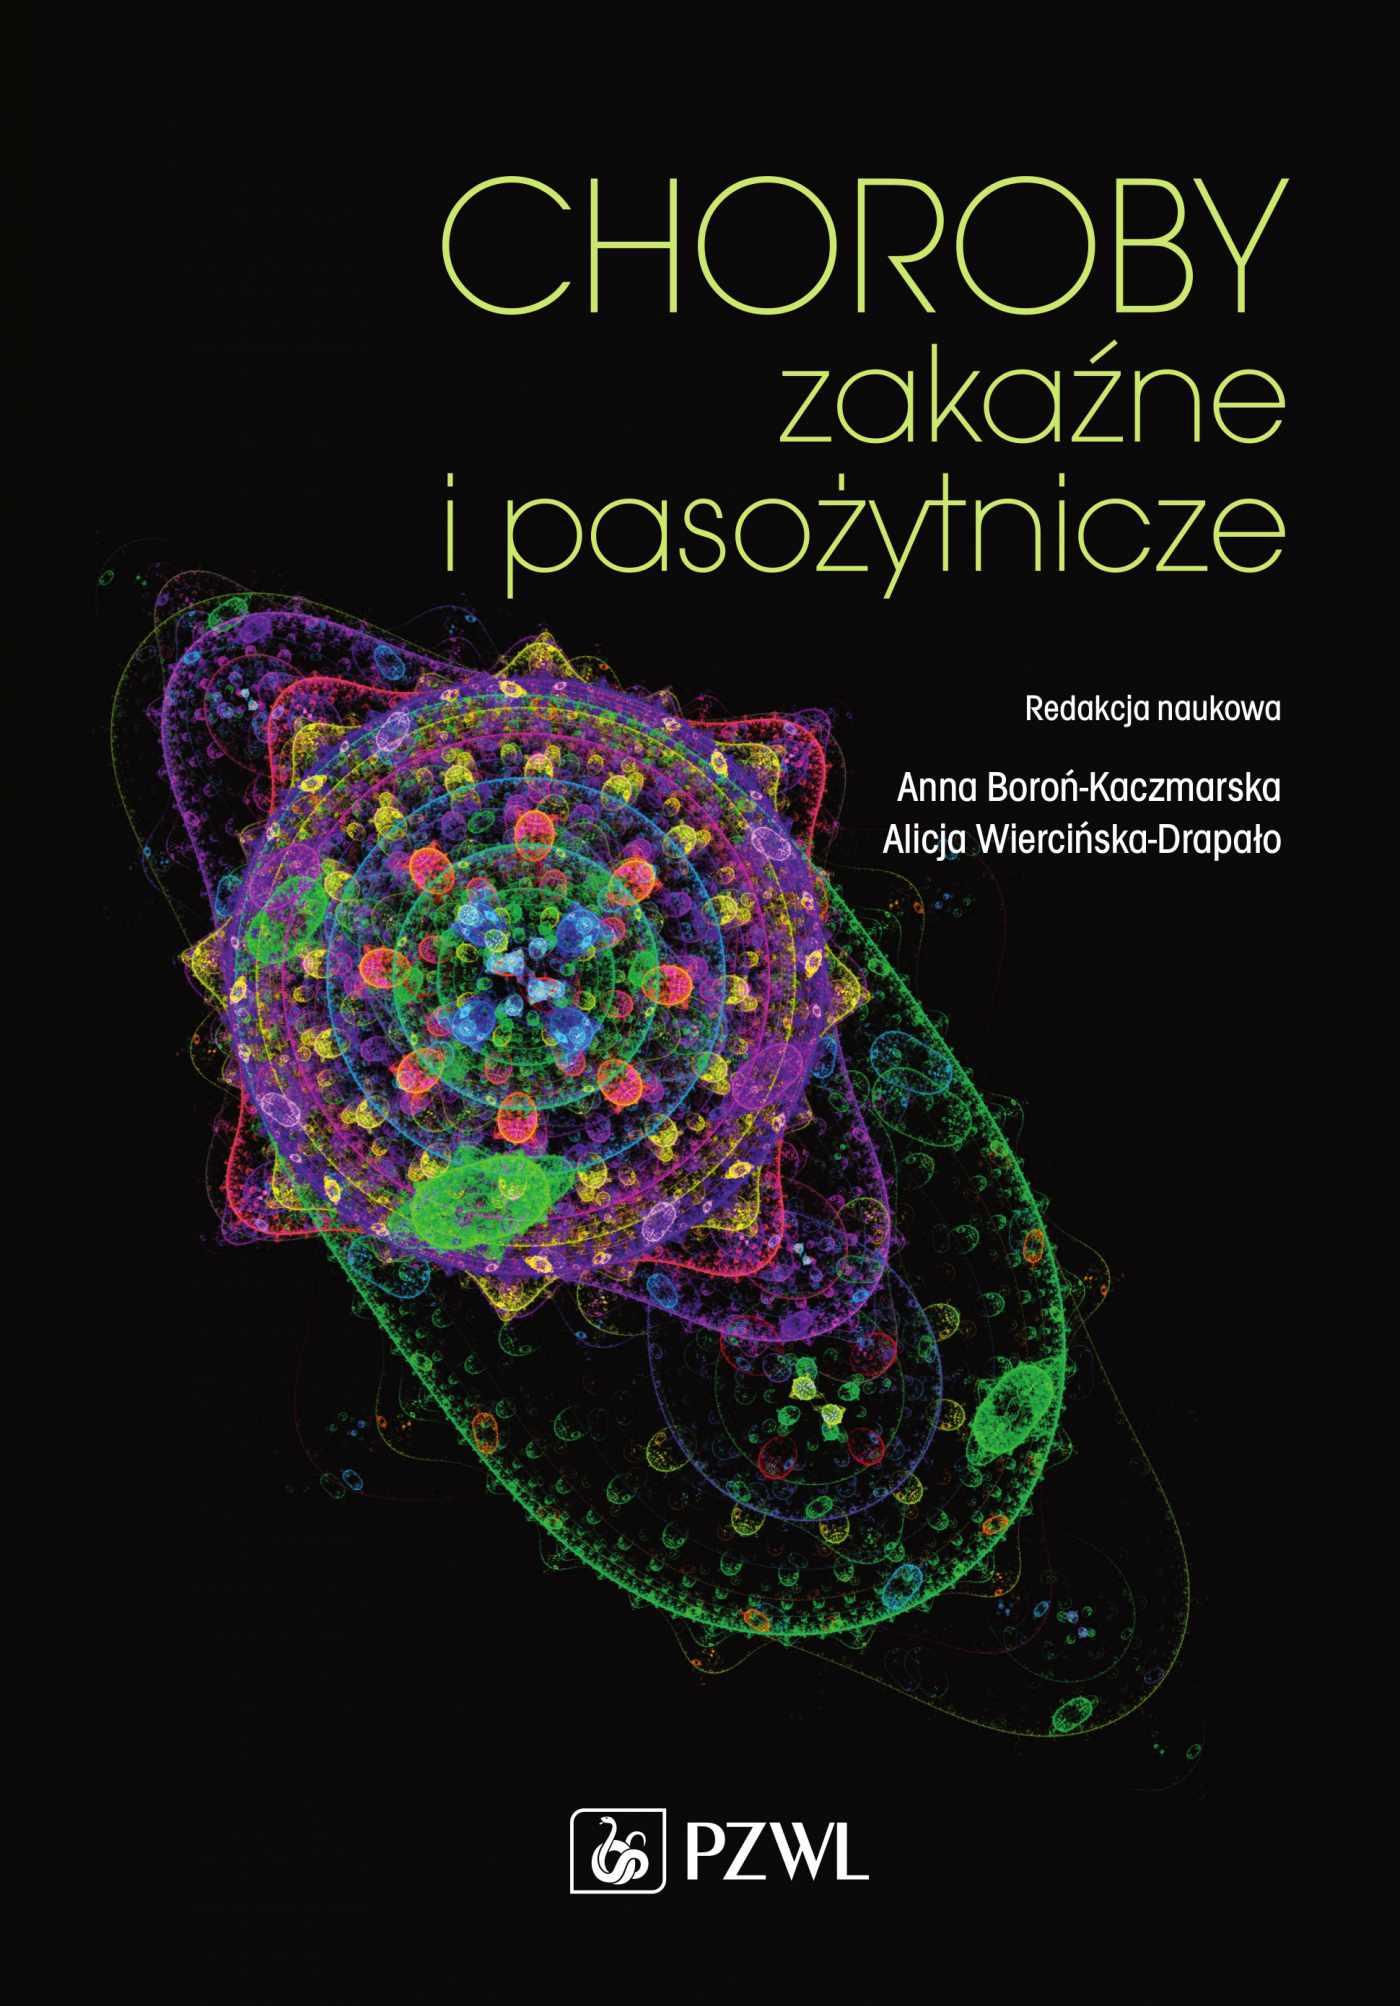 Choroby zakaźne i pasożytnicze - Ebook (Książka EPUB) do pobrania w formacie EPUB